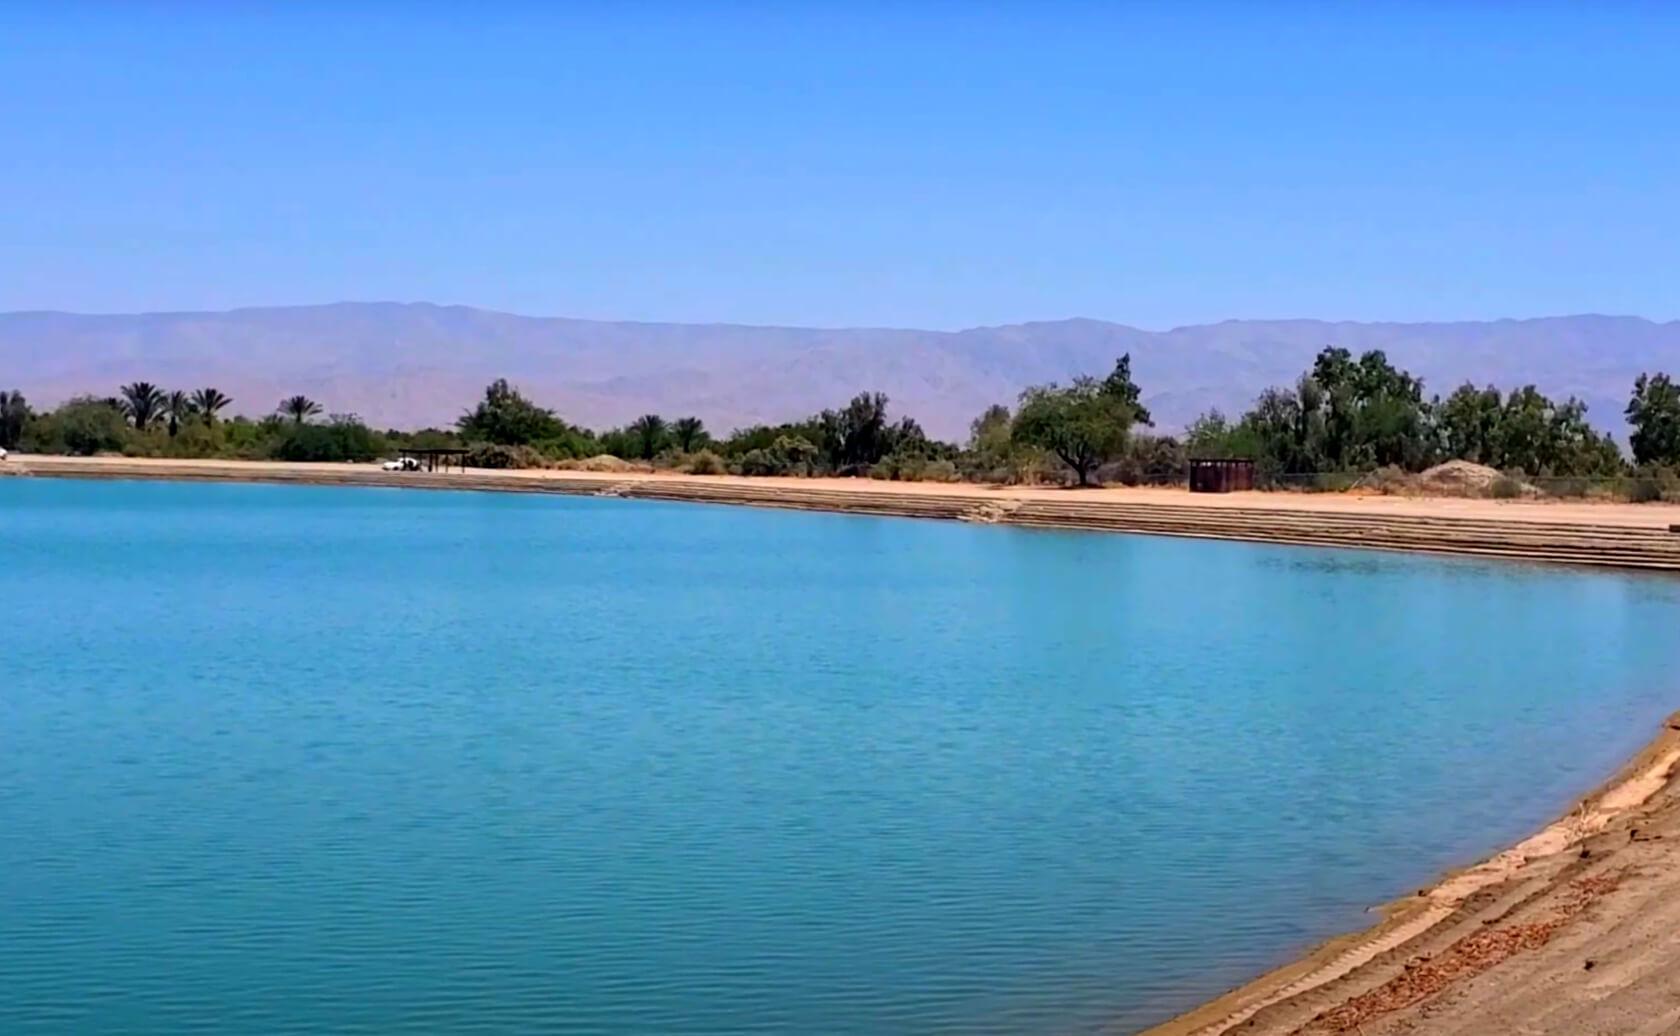 Cahuilla-Lake-Fishing-Guide-Report-La Quinta-CA-06